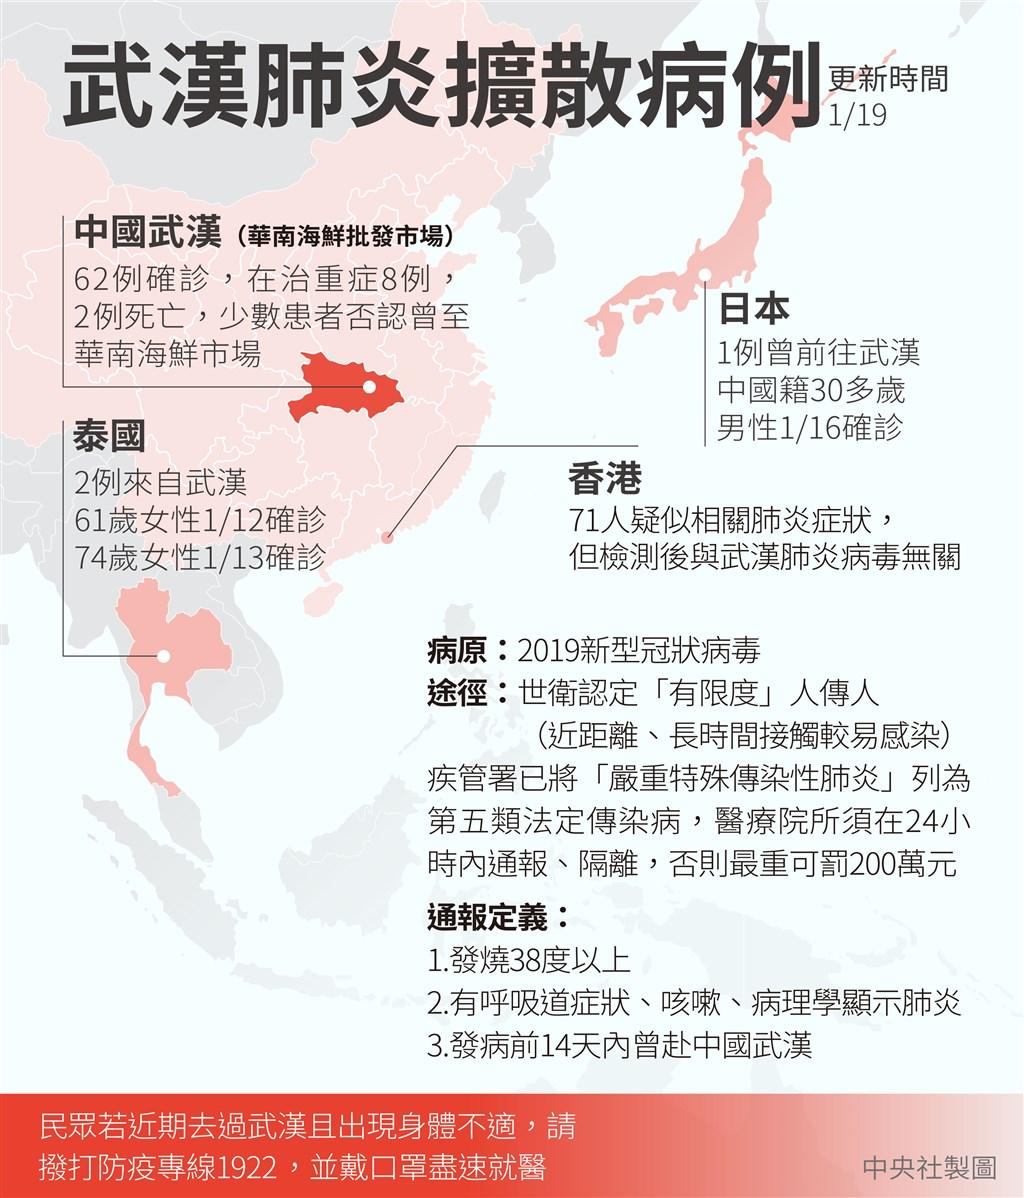 中國武漢華南海鮮市場一帶2019年12月起爆發不明原因肺炎疫情,截至2020年1月17日確診病例已有62例。(中央社製圖)